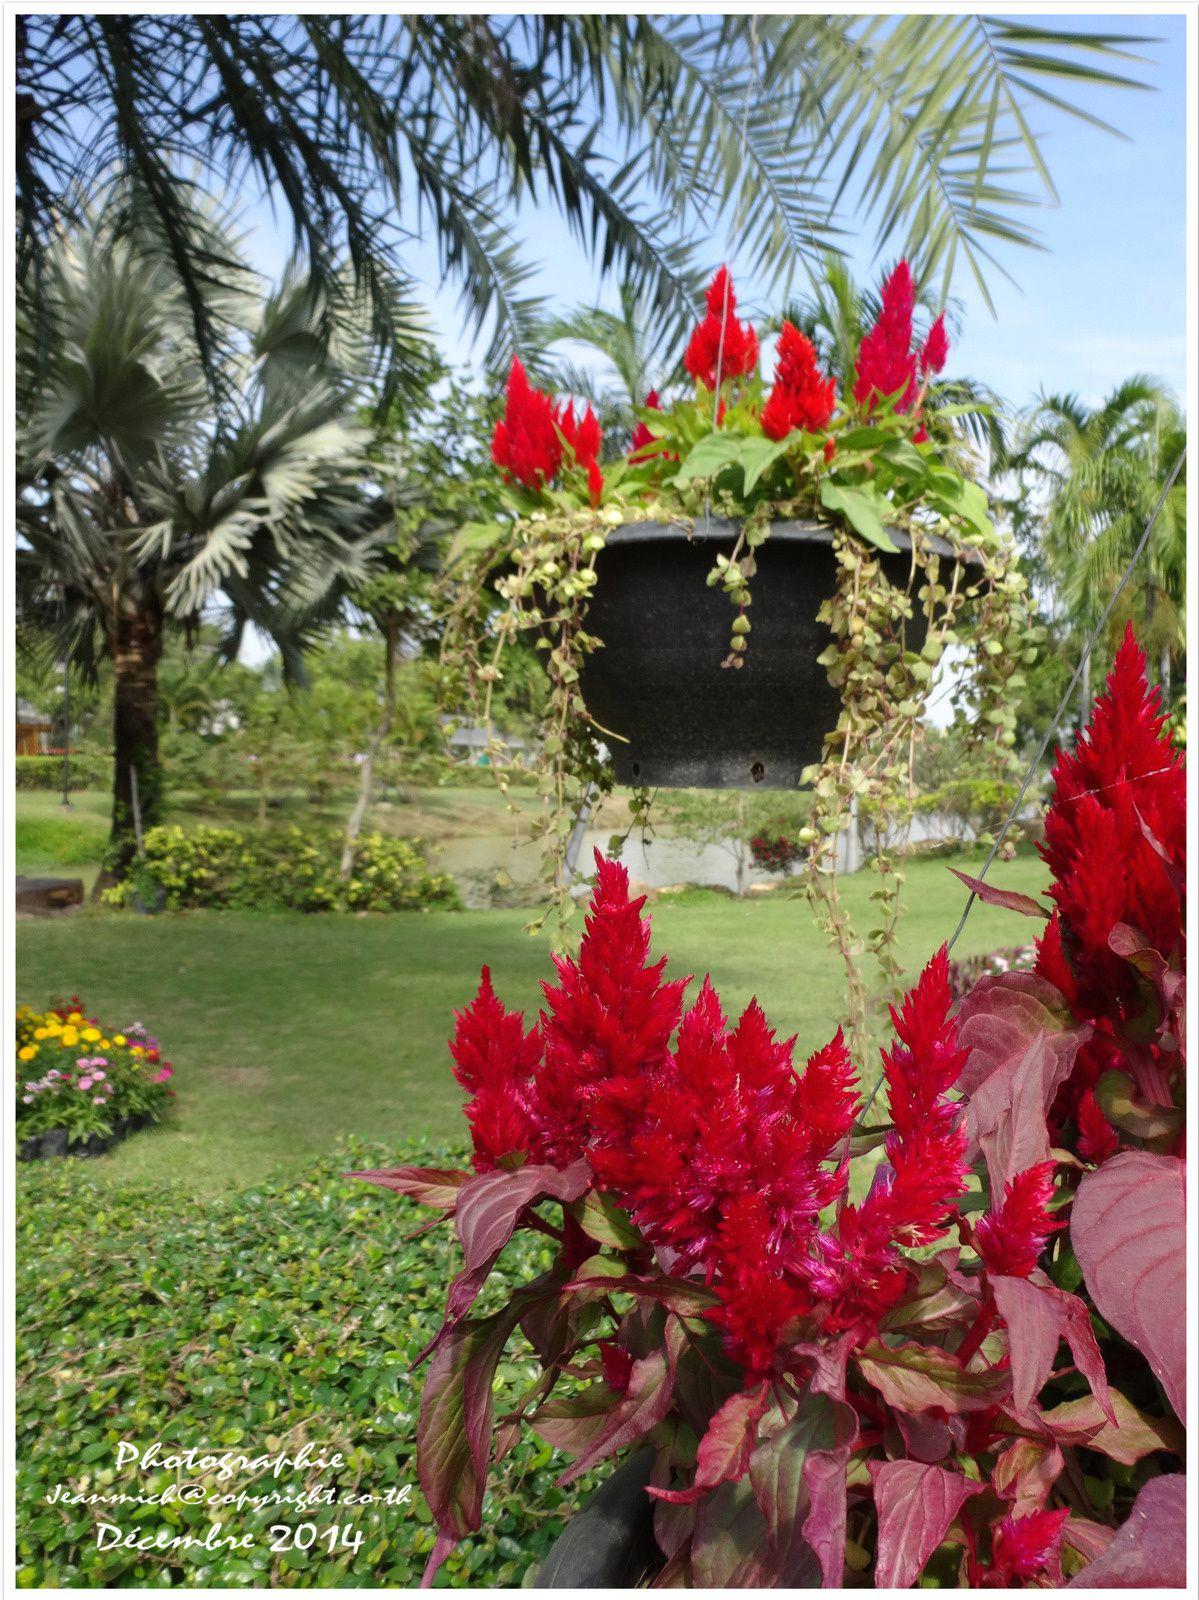 Les floralies de Khon Kaen (suite et fin de la visite)